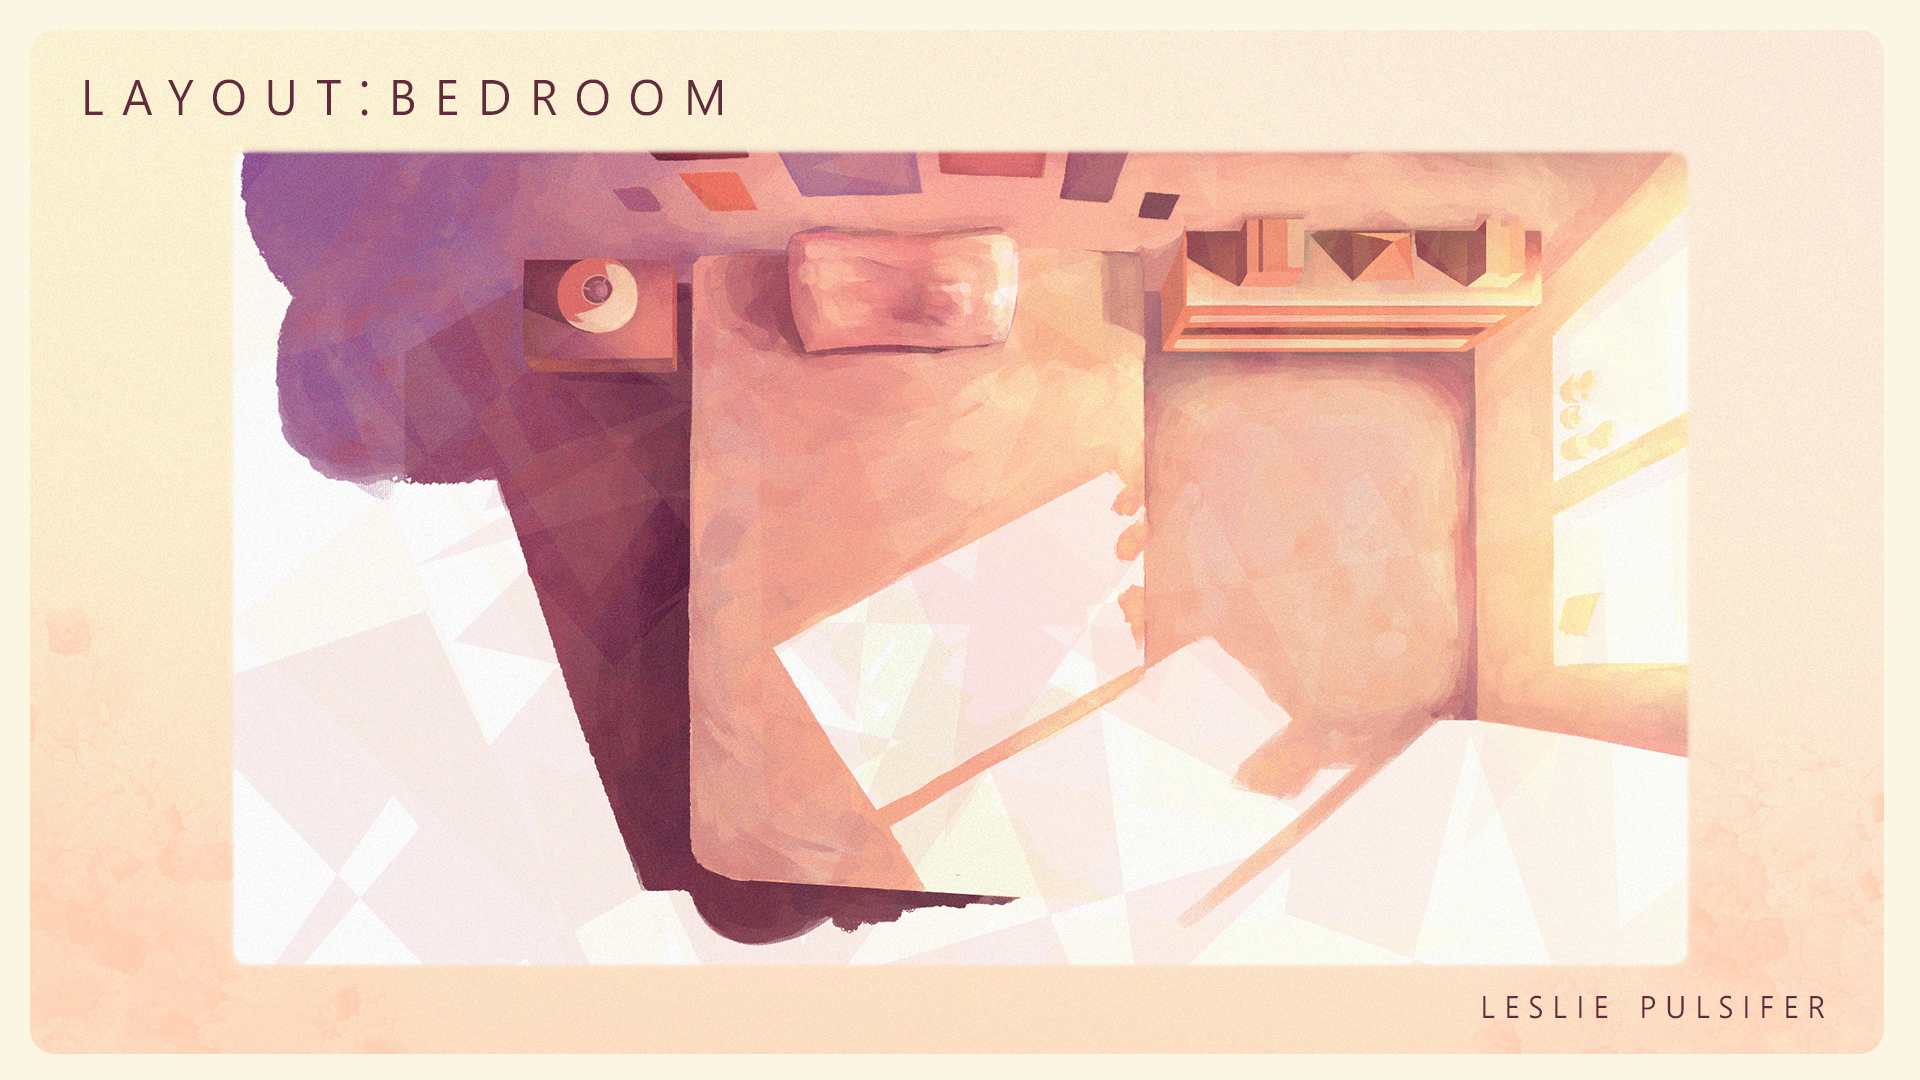 Suitcases_layoutBedroom.jpg